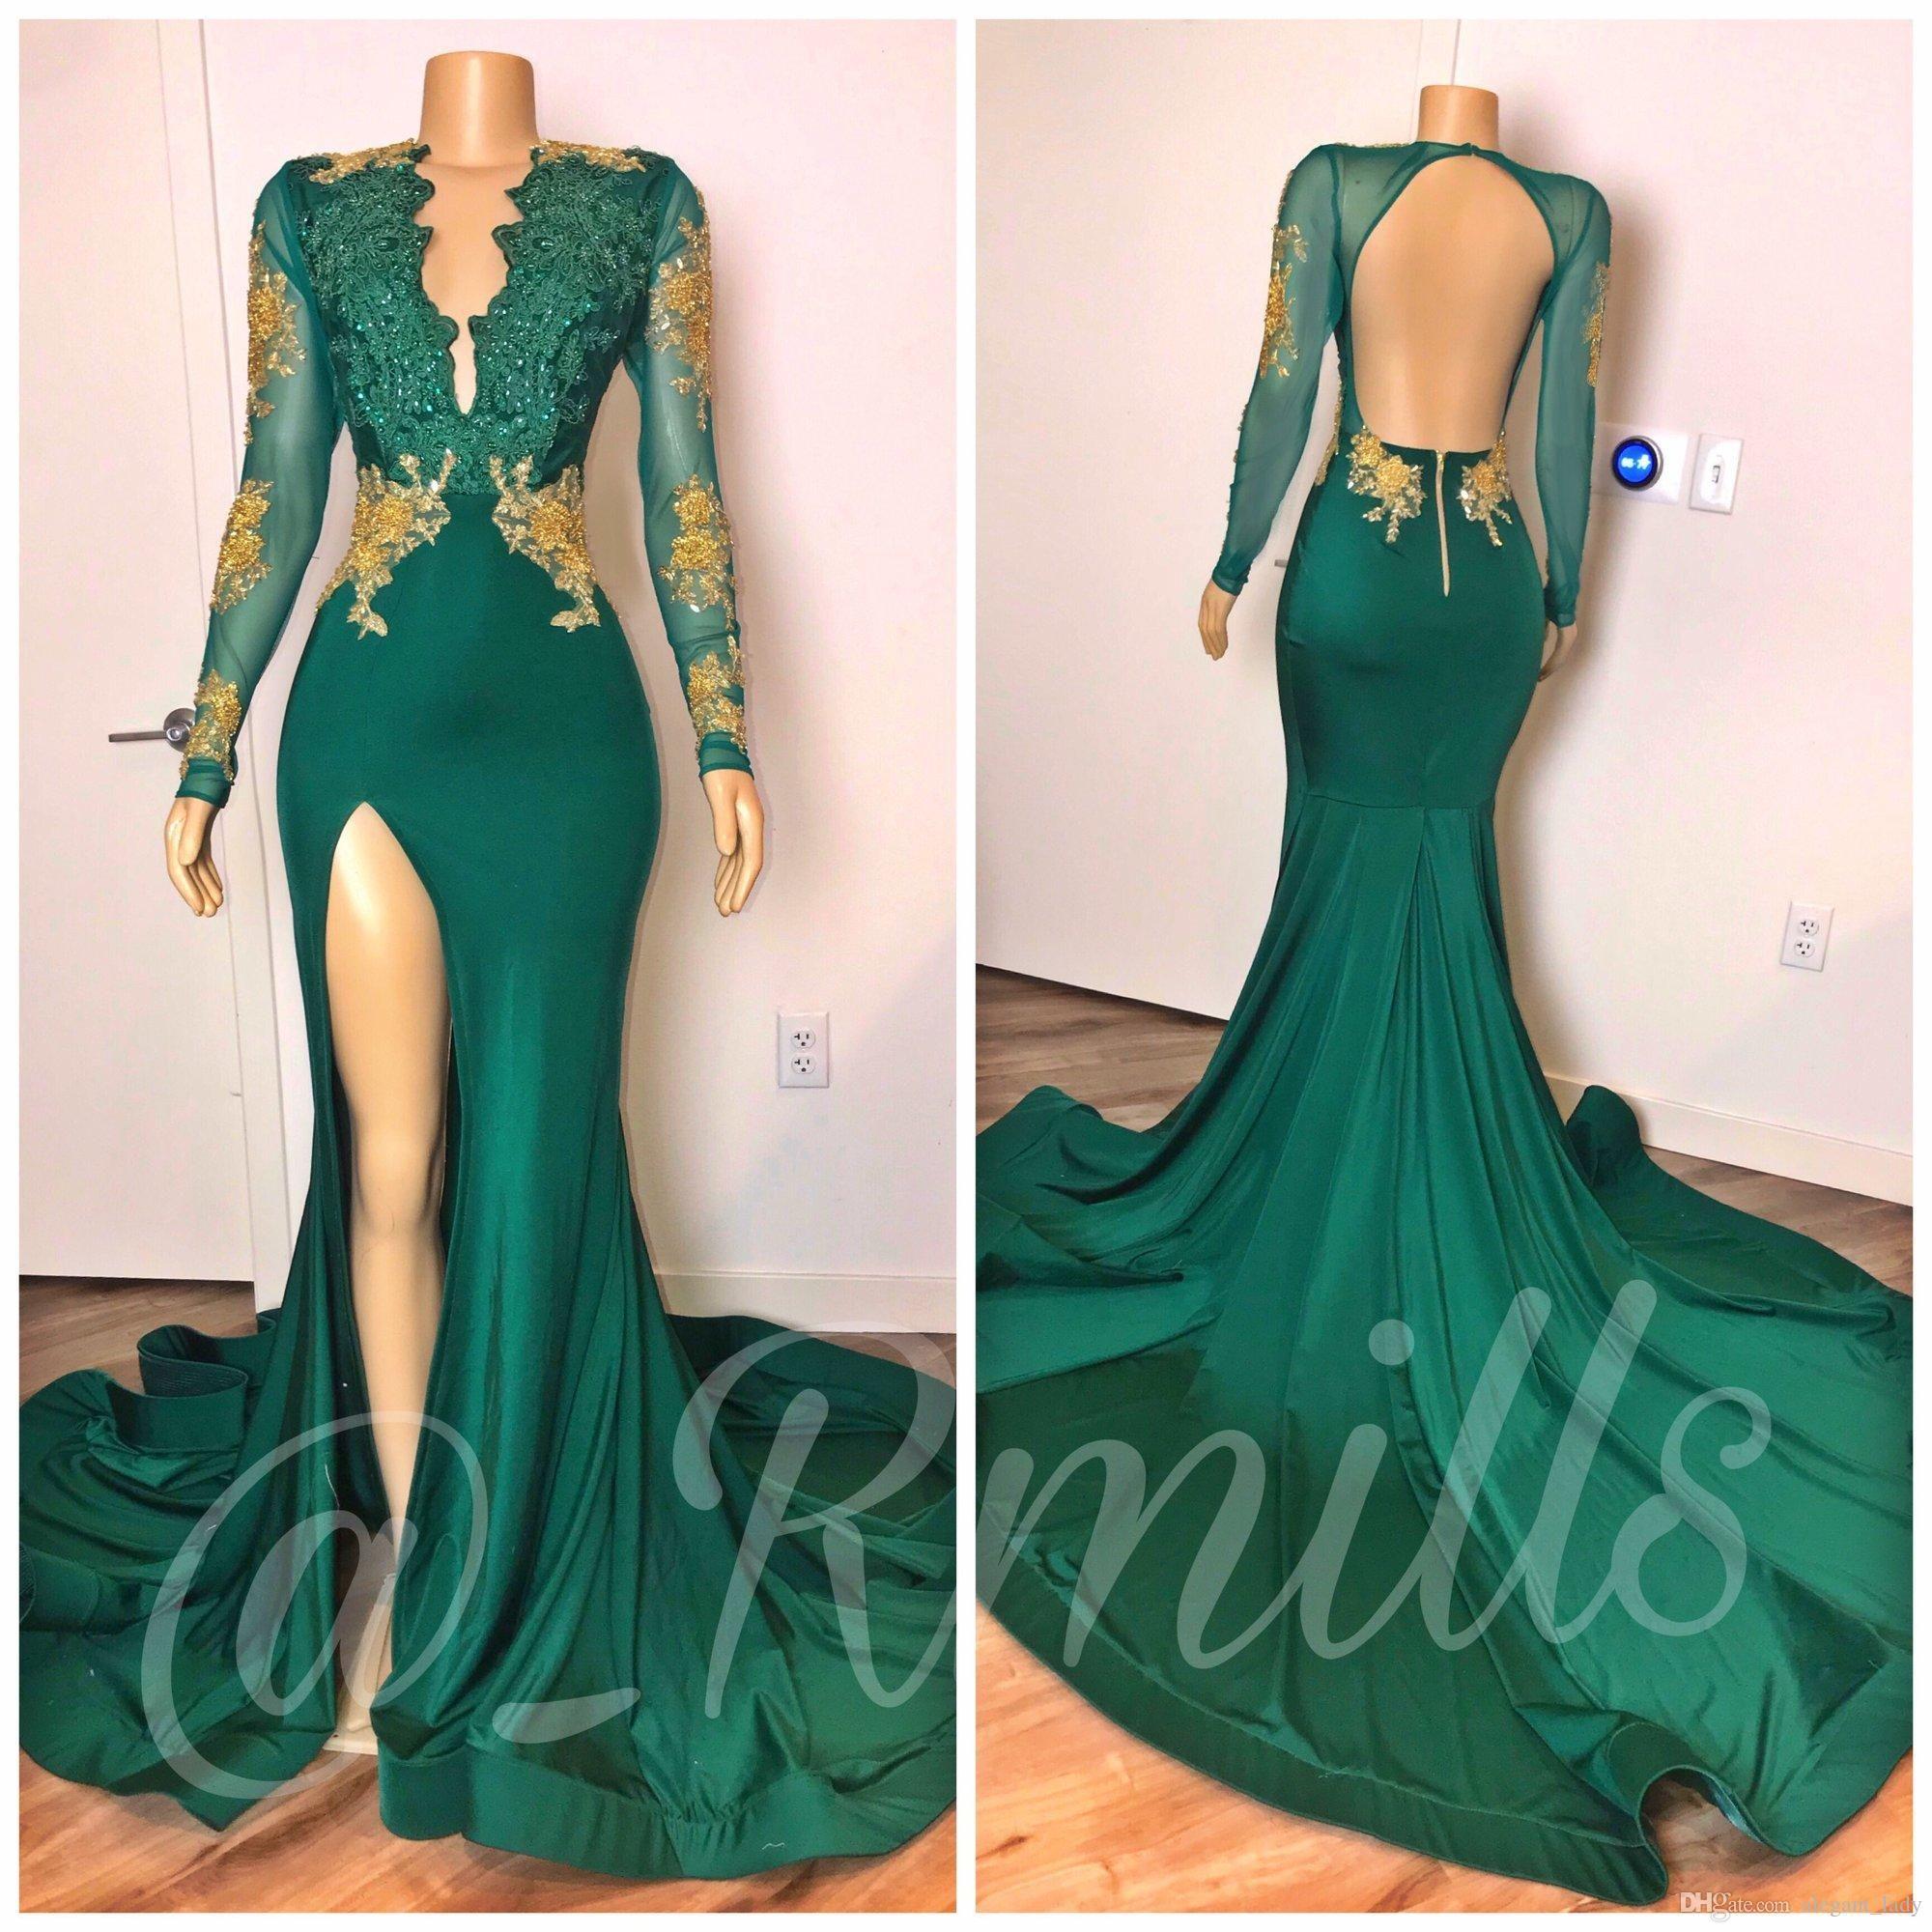 Apliques de encaje verde caqui de manga larga vestidos de baile larga con cuentas de oro profundo cuello en V vestidos de alta lateral abierto sin espalda vestido de fiesta vestido